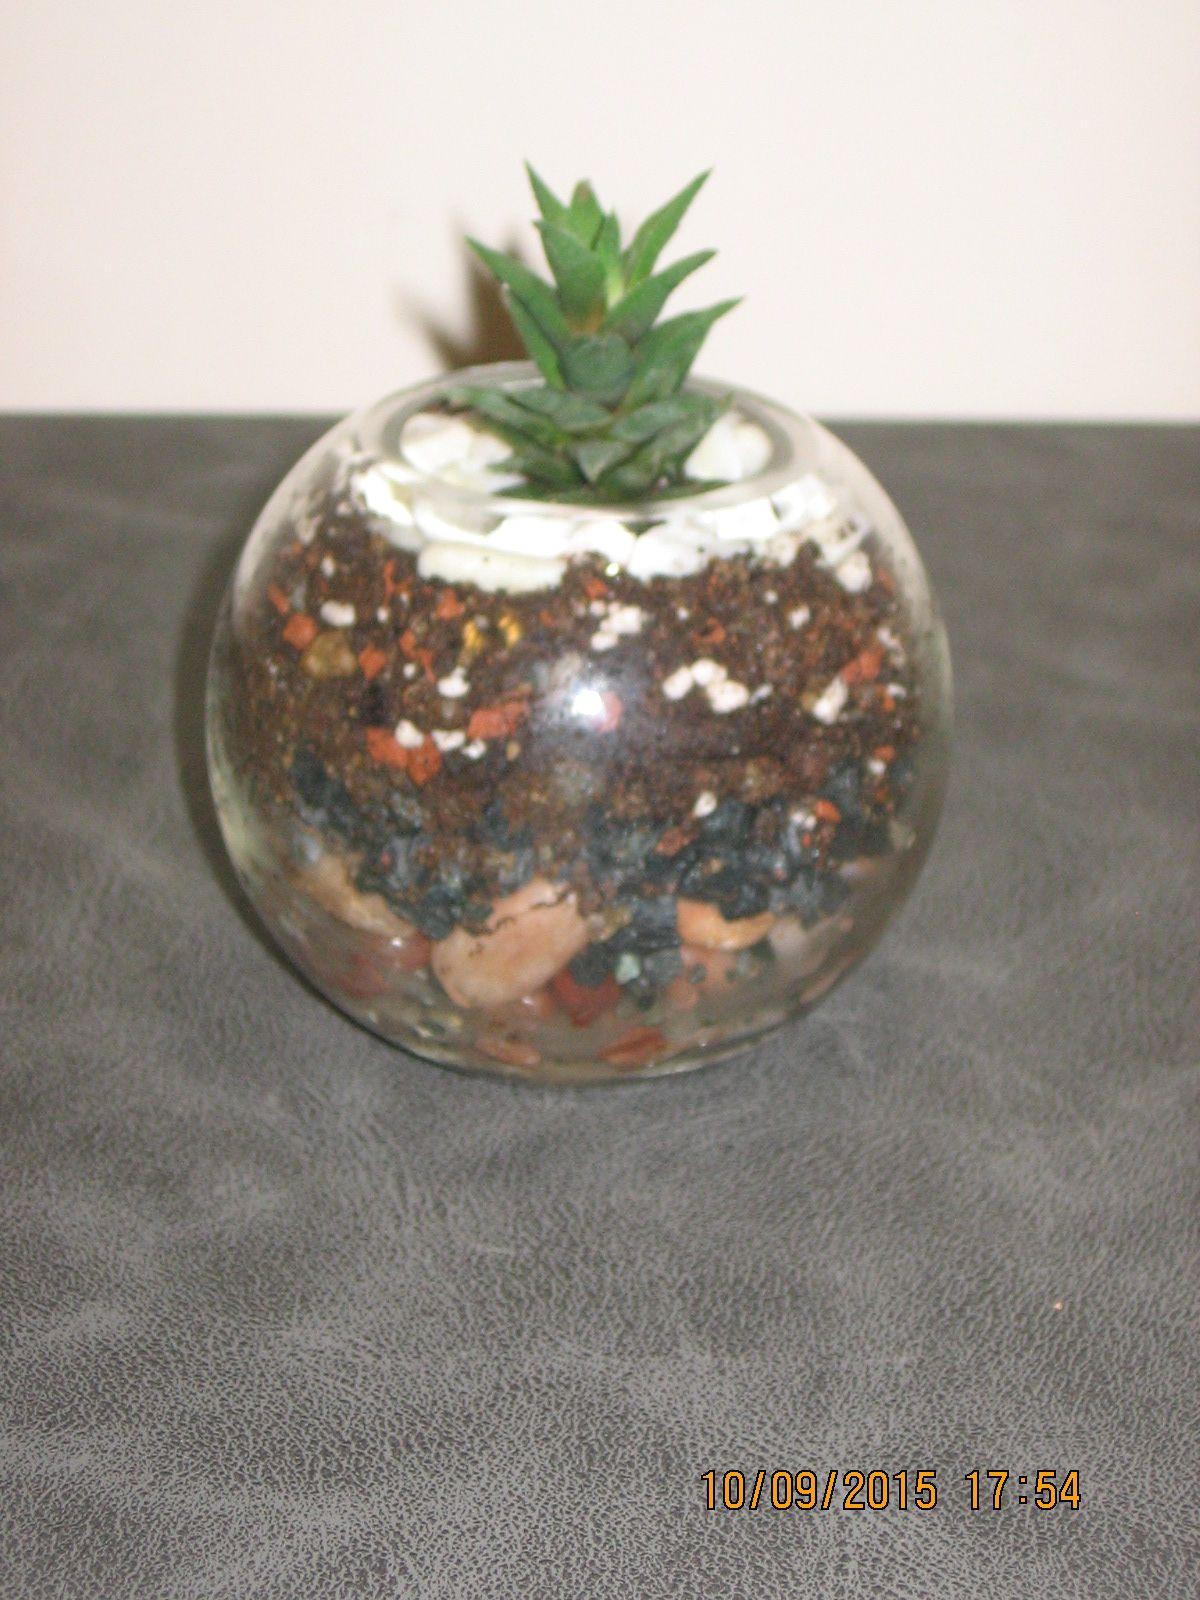 Terrarium Glass Pot Flowerpot Havortia My Diy Terrariums